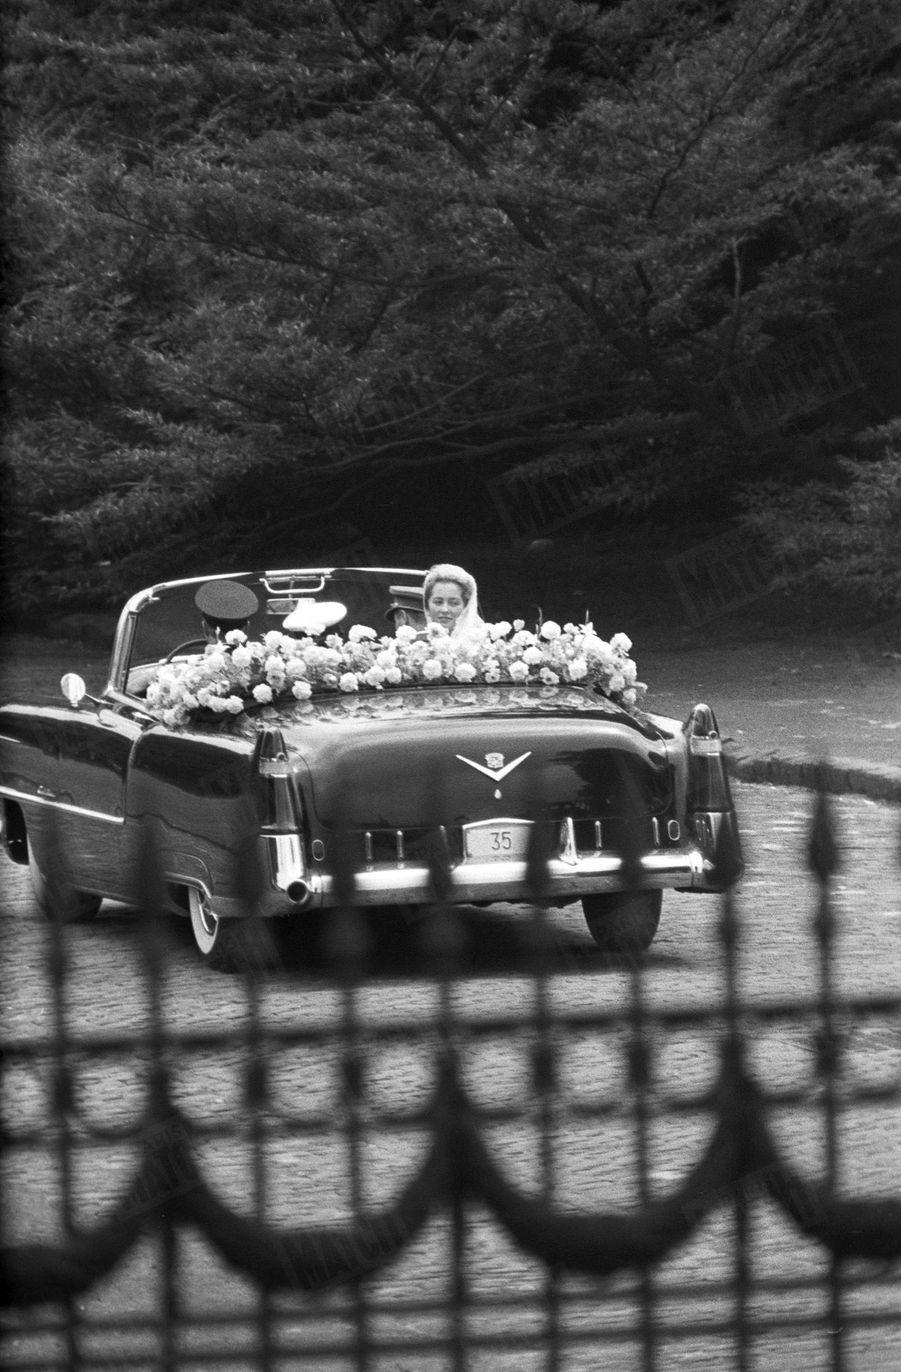 « 'Vive la mariée !' En passant les grilles du palais de Laeken, Paola a lancé un sourire comme on lance un fleur. Mademoiselle de Calabre est devenue Madame de Liège. » - Paris Match n°535, samedi 11 juillet 1959.